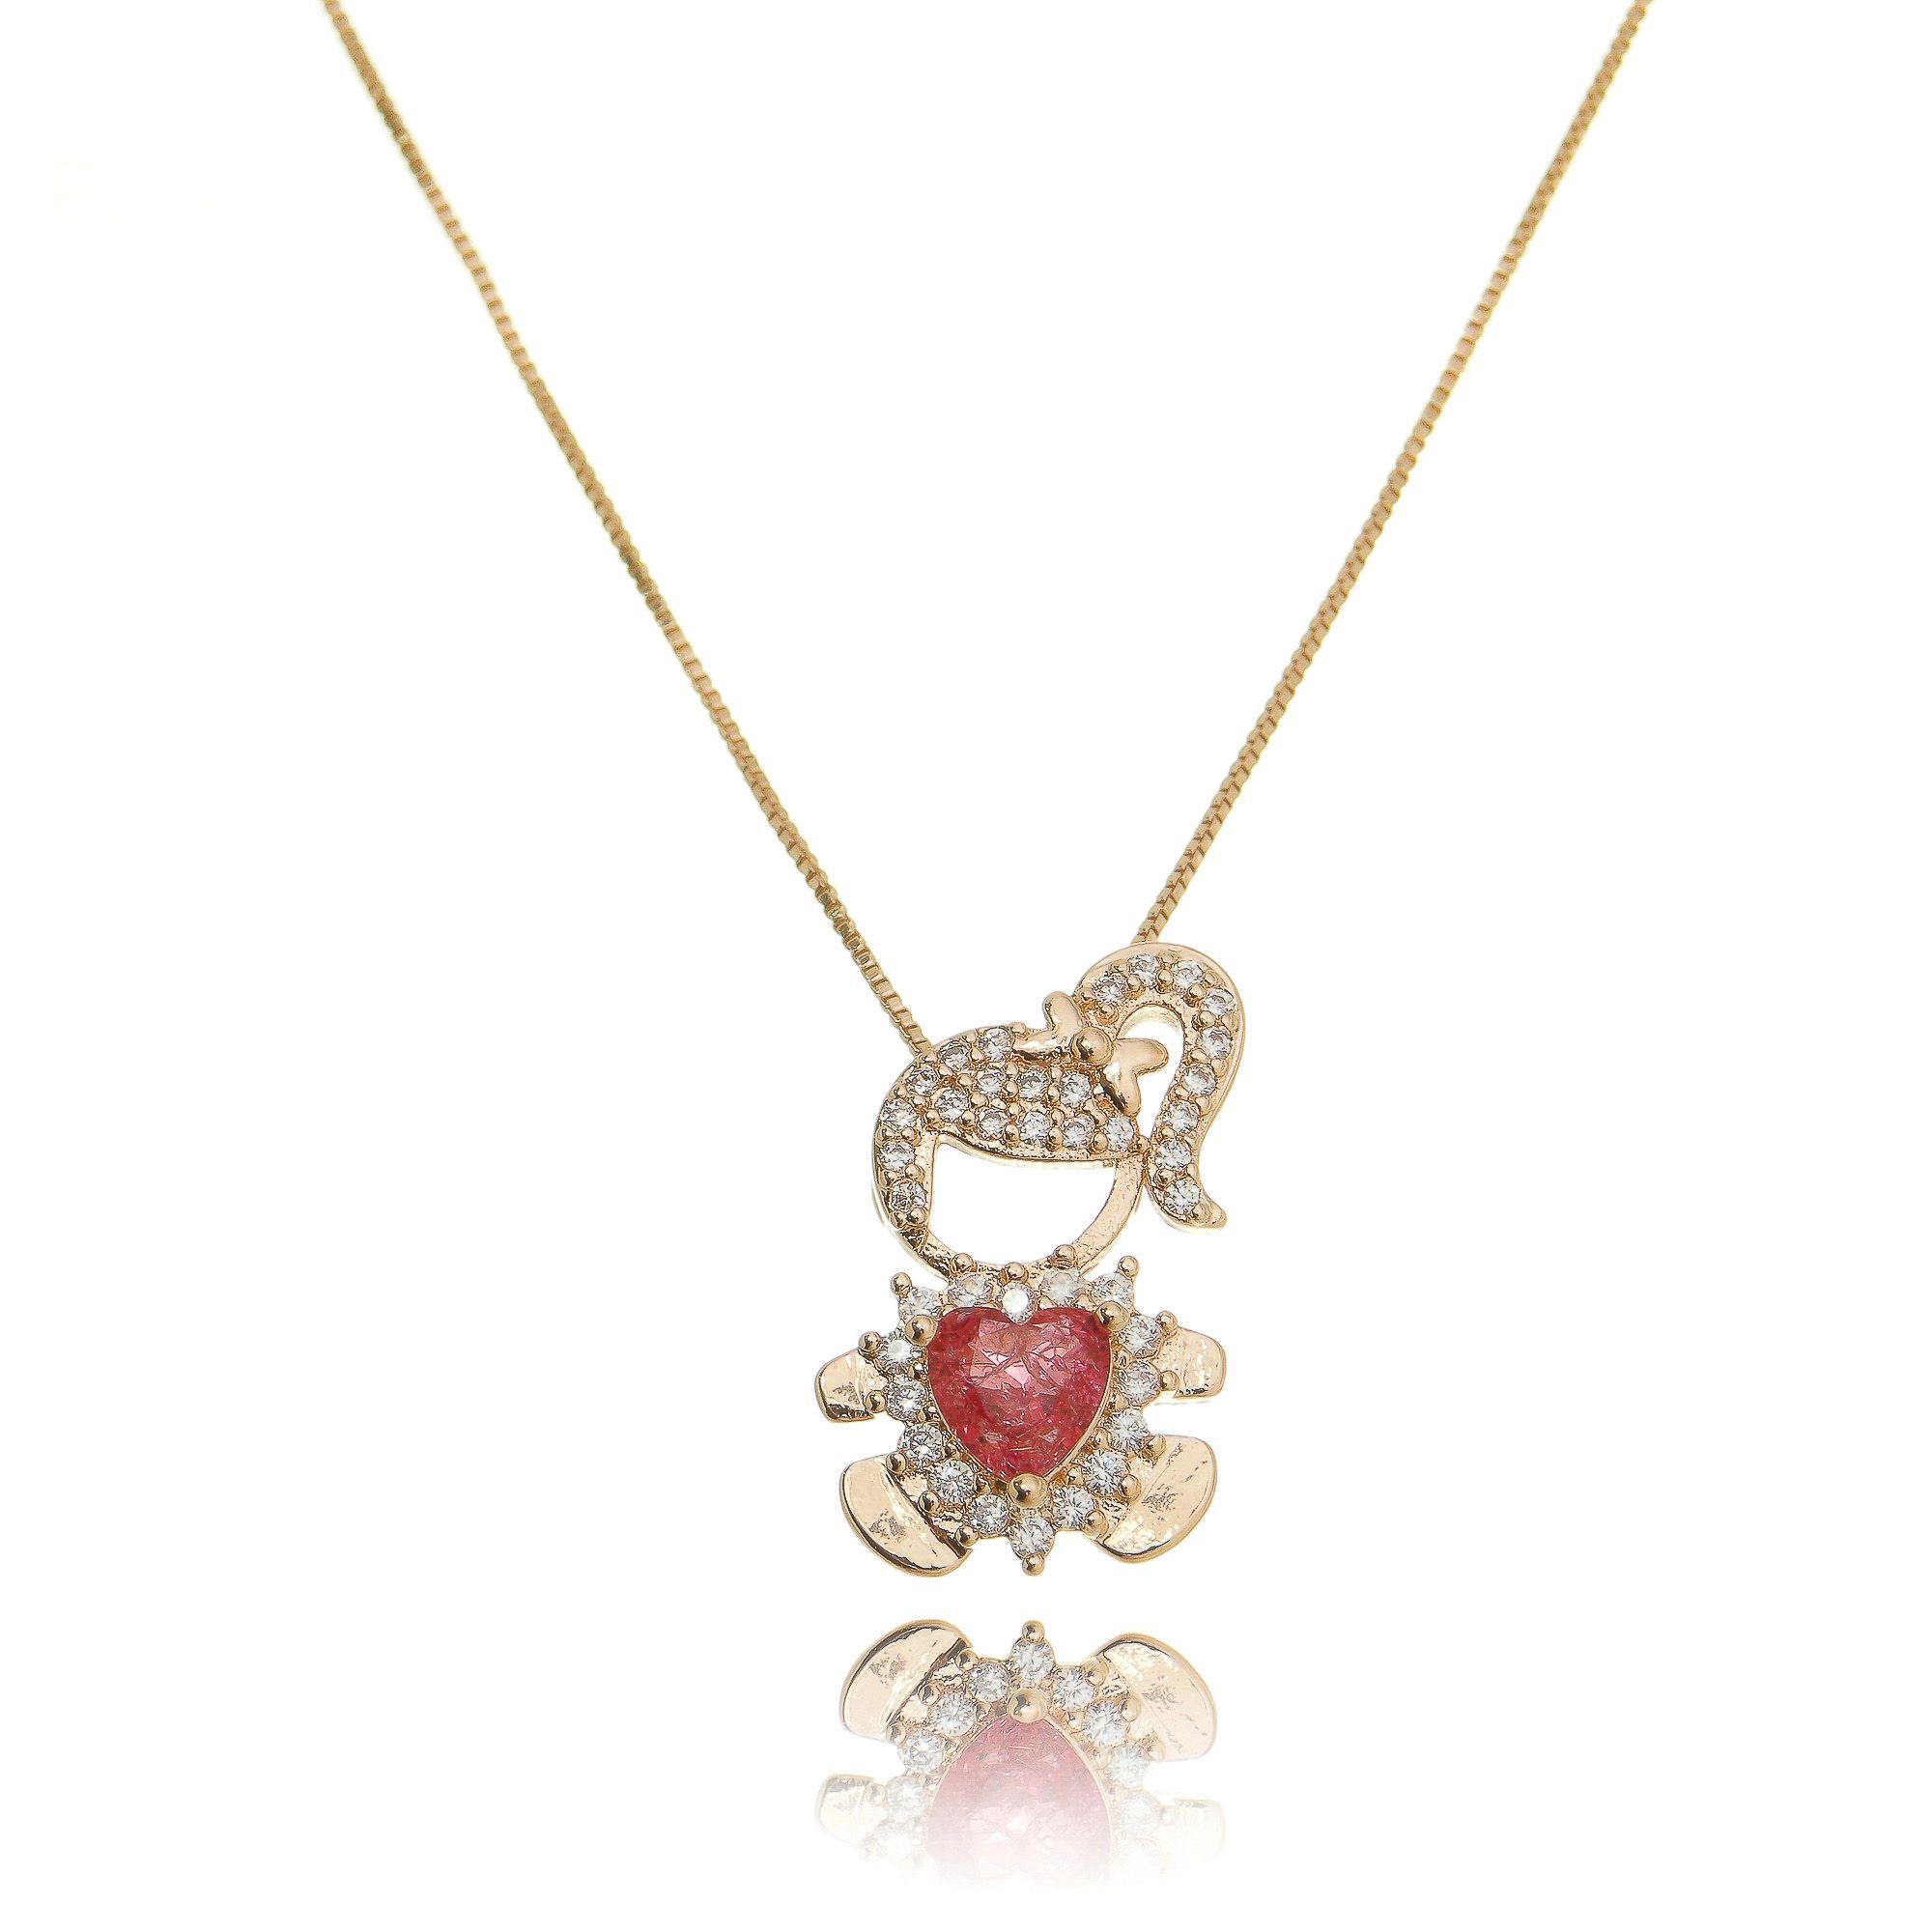 Colar Pingente Filha Ouro Rosé Semijoia Zircônia Branca e Coração Rubi Fusion  - Soloyou